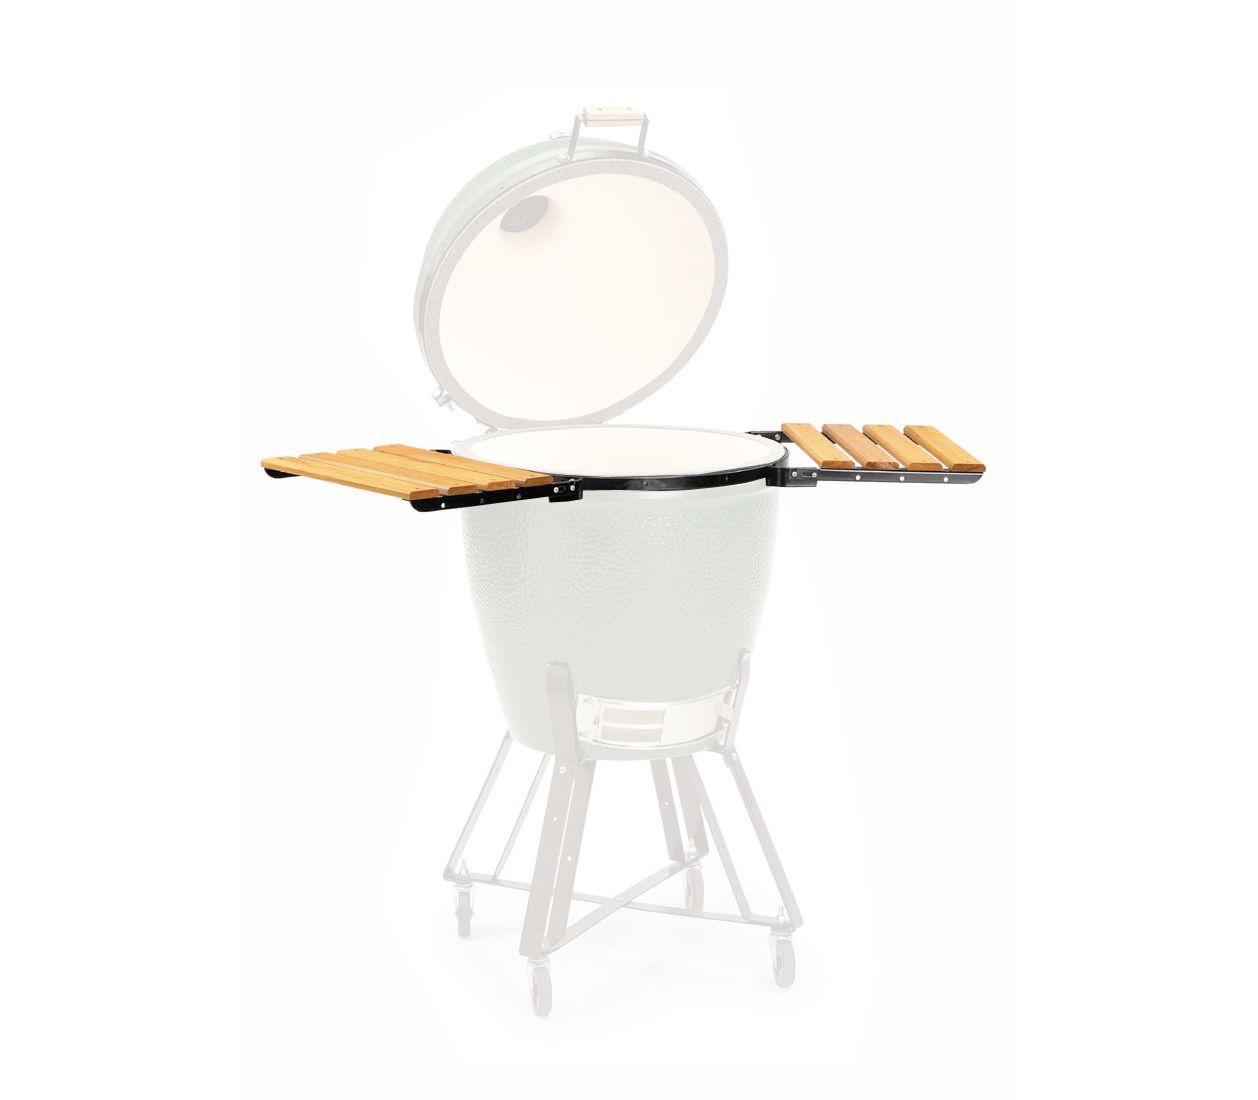 Столики для гриля LARGE EGG, Big Green EggАксессуары<br>Рабочие боковые столики&#13;<br>Готовить с комфортом – легко! Рабочие боковые столики позволят разместить на них инструменты, продукты, тарелки для готовящихся блюд. Термостойкое долговечное дерево не выгорает, не требует лакировки. После использования поверхность столиков достаточно протереть тканью. Столики изготовлены из прочного, качественного дерева и оснащены металлическими опорами. Между использованиями для удобства хранения столики можно опустить вниз.&#13;<br>Столики подходят для моделей Small, Medium, Large, XLarge.&#13;<br><br>